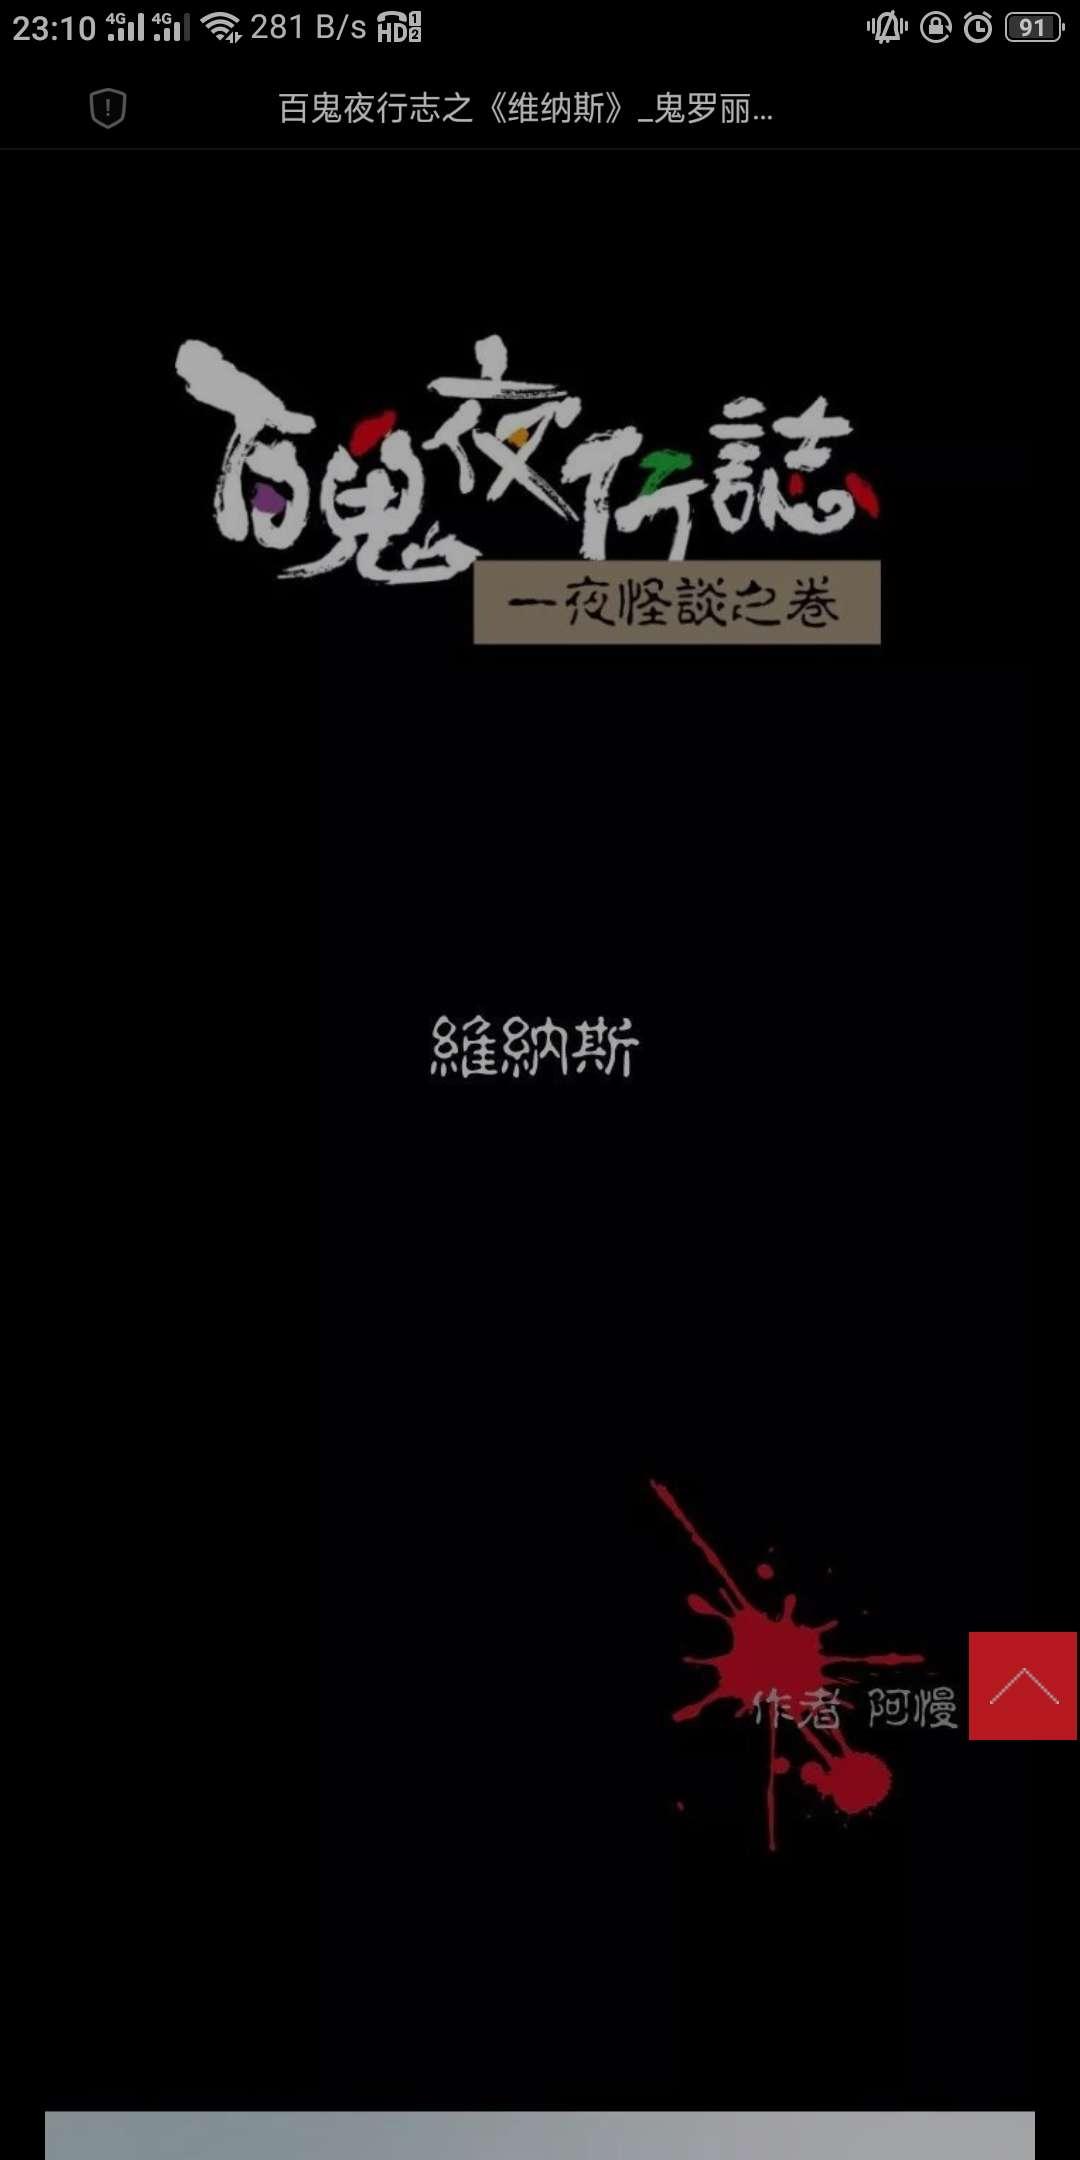 【漫画更新】百鬼夜行志之《维拉斯》-小柚妹站